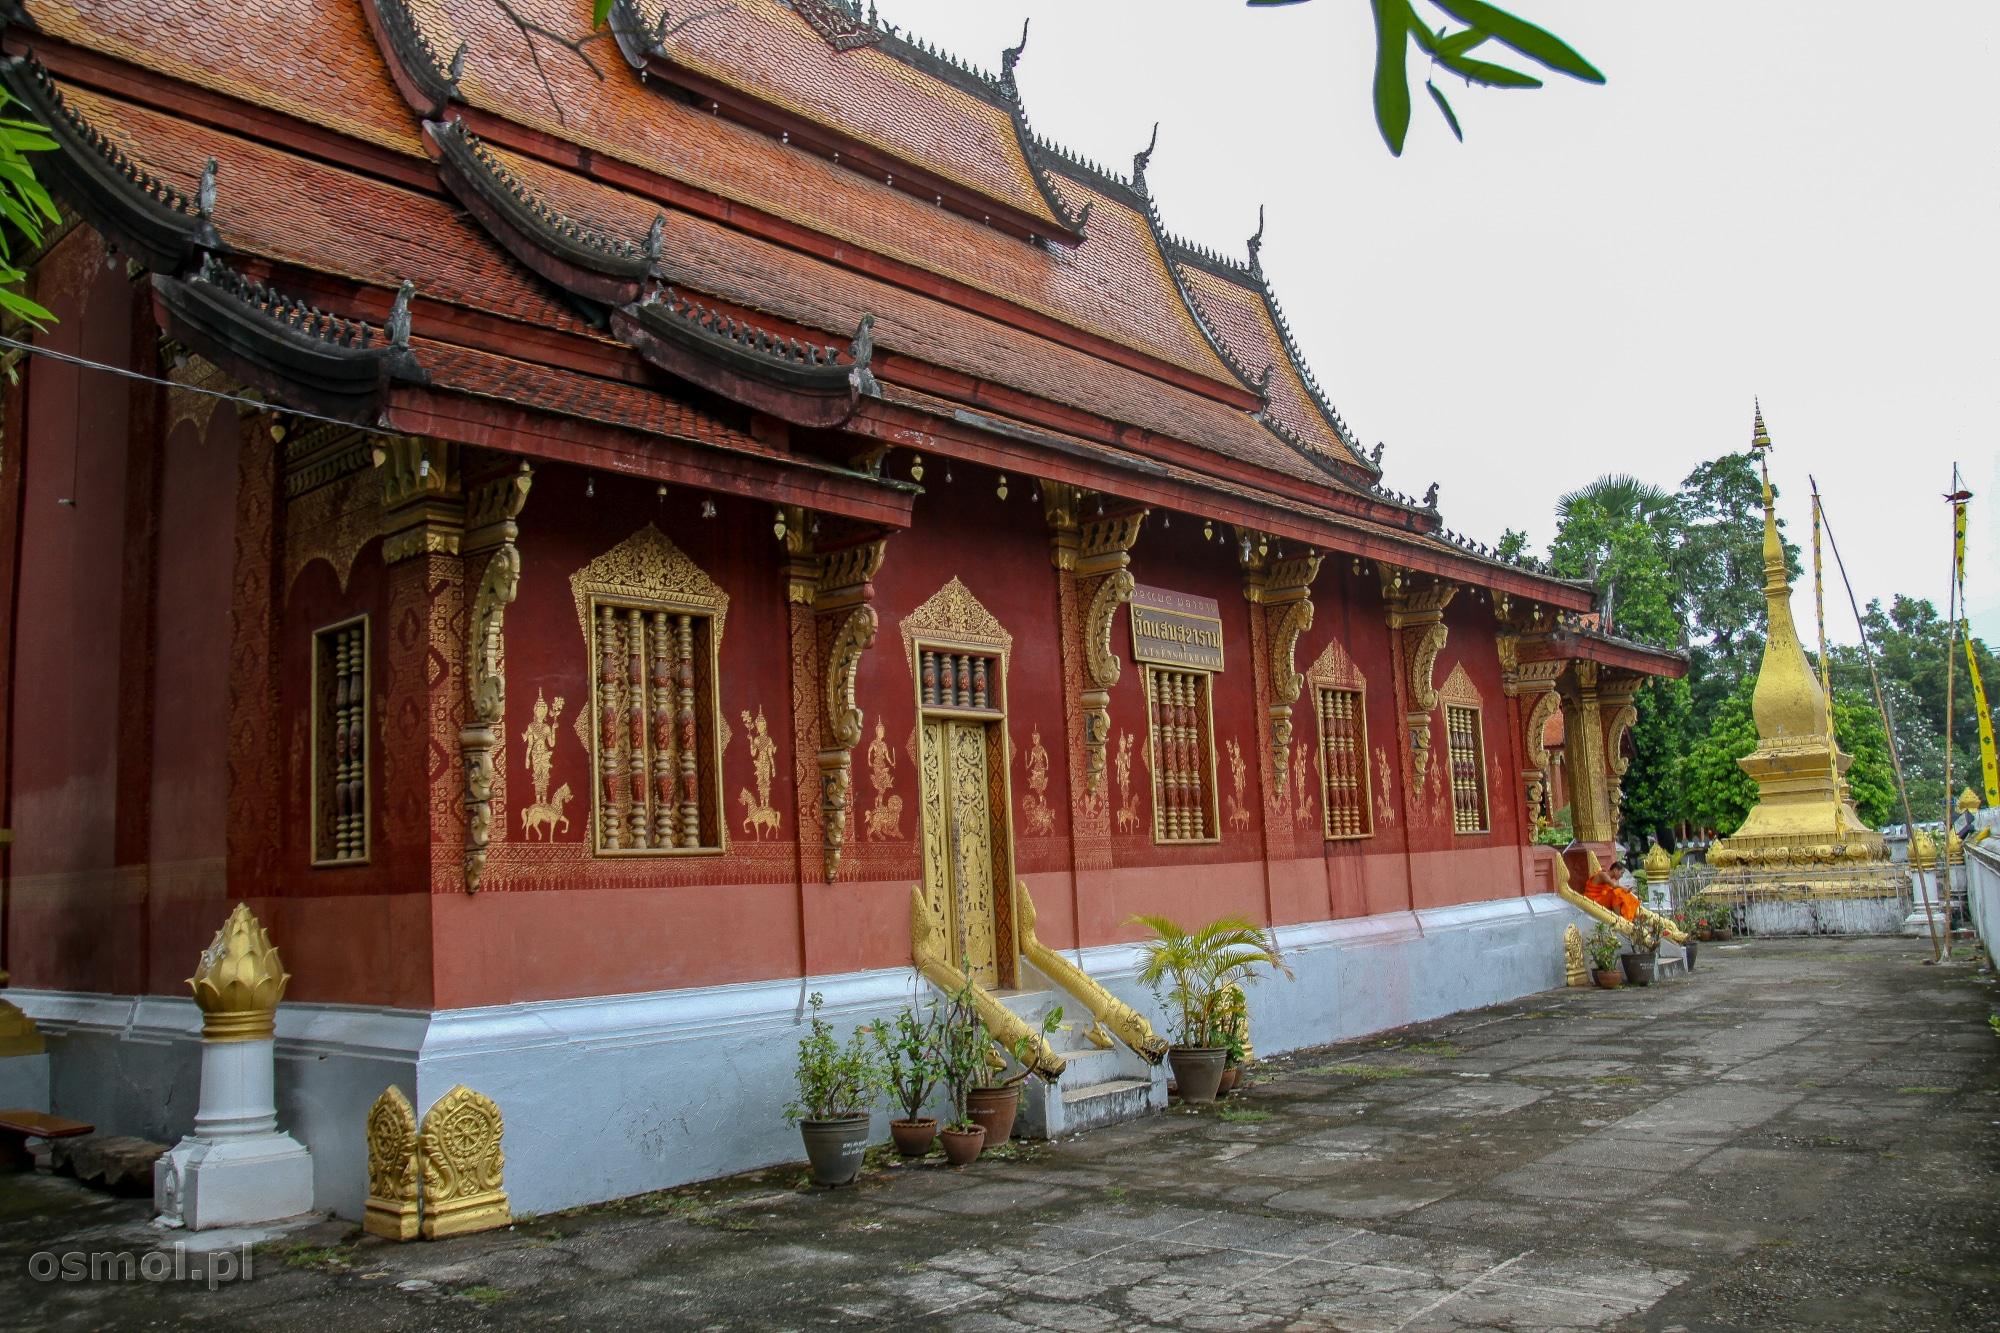 Świątynia w Luang Prabang w Laosie